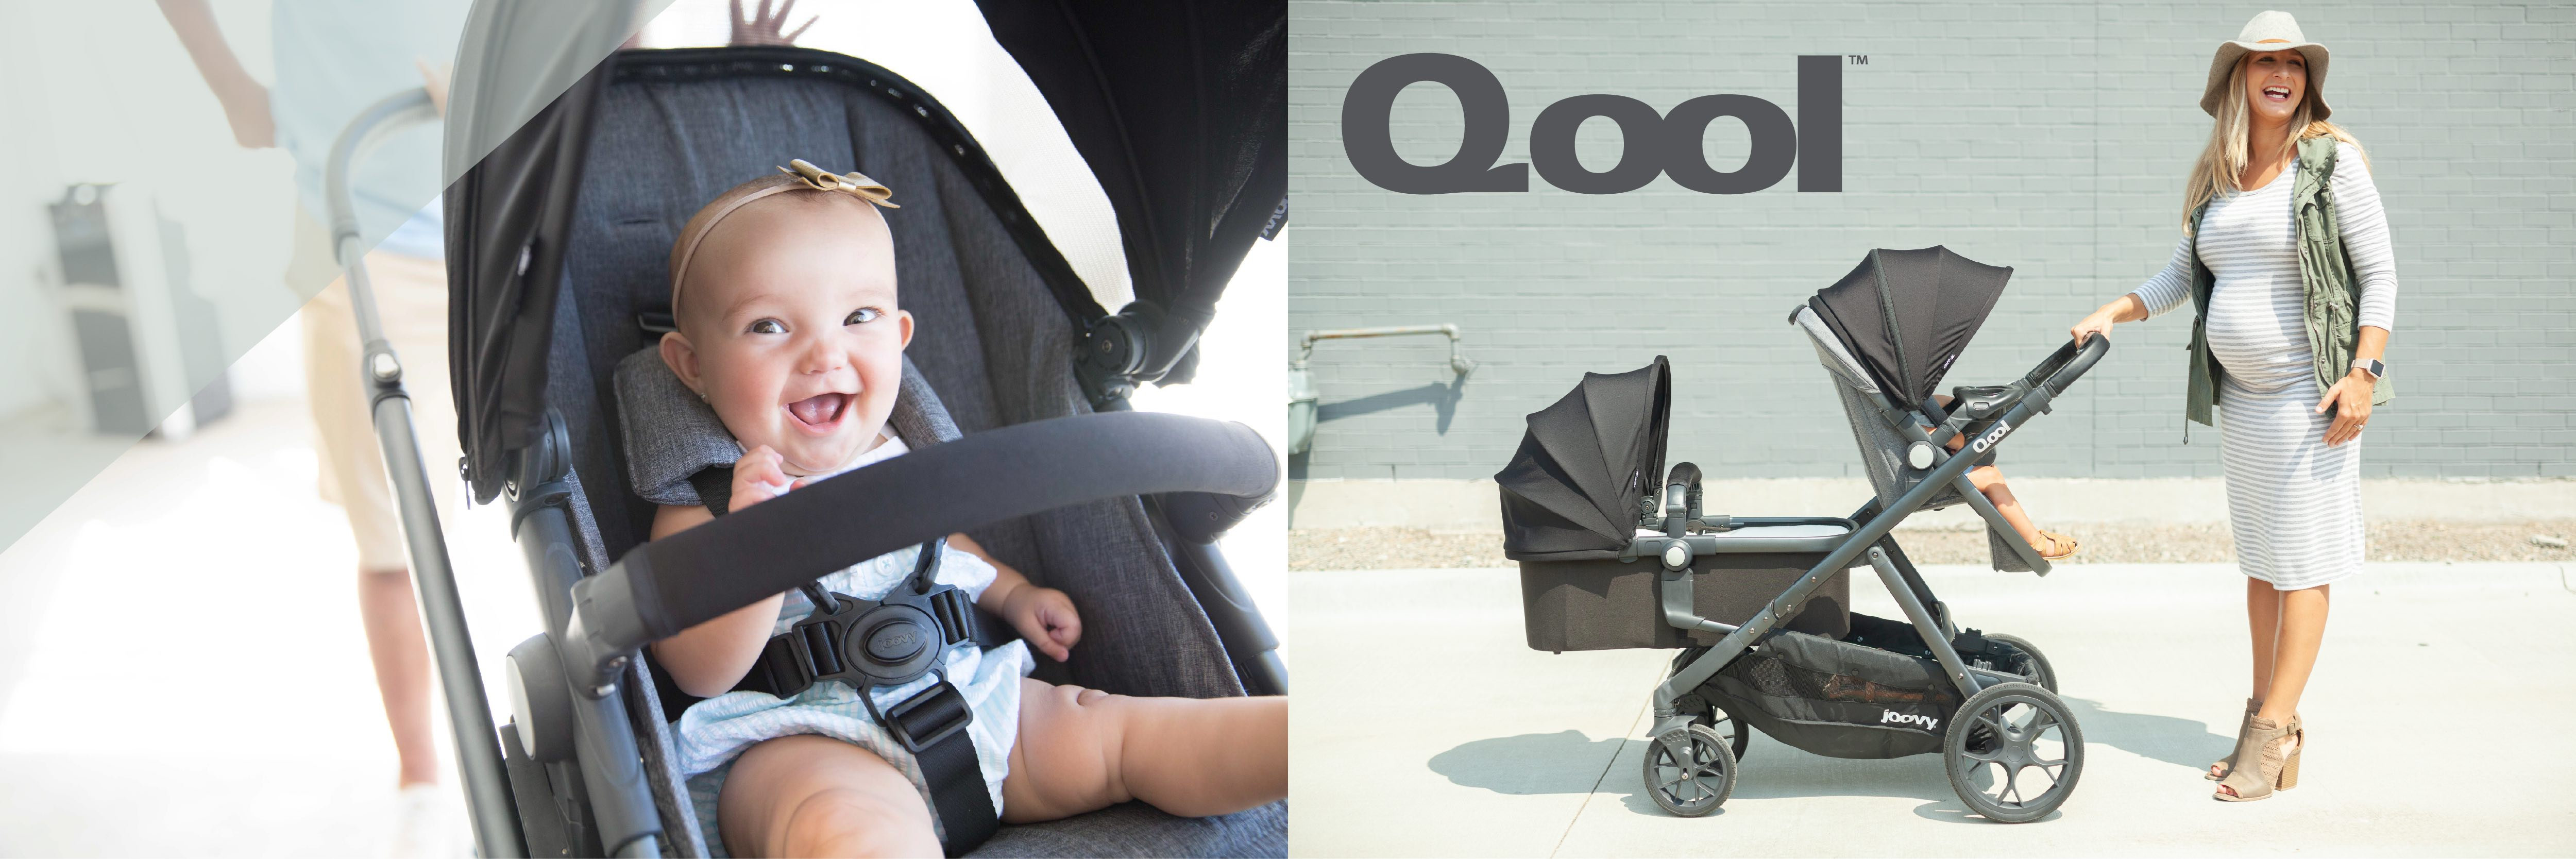 Joovy Qool Kinderwagen